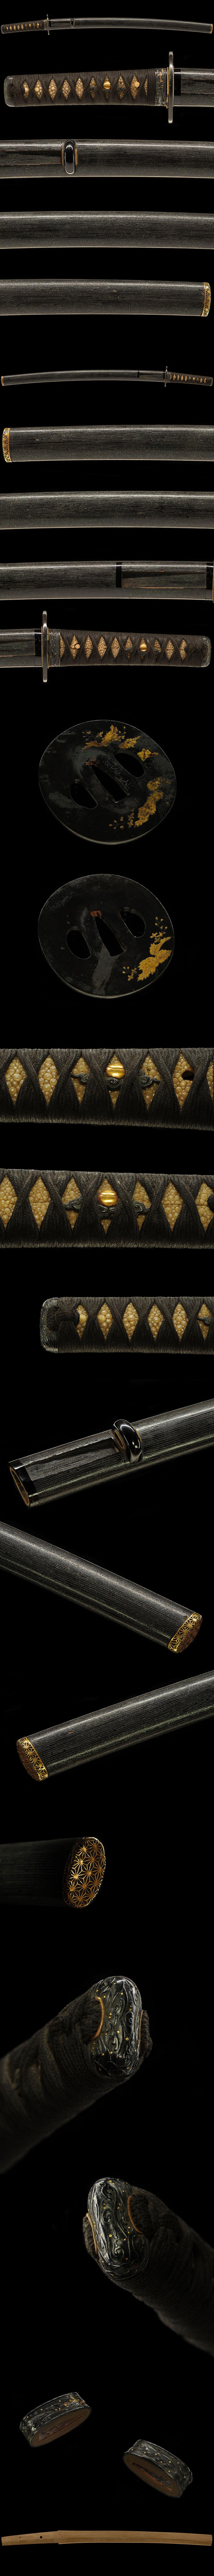 千手院 在銘 刀 特別保存刀剣